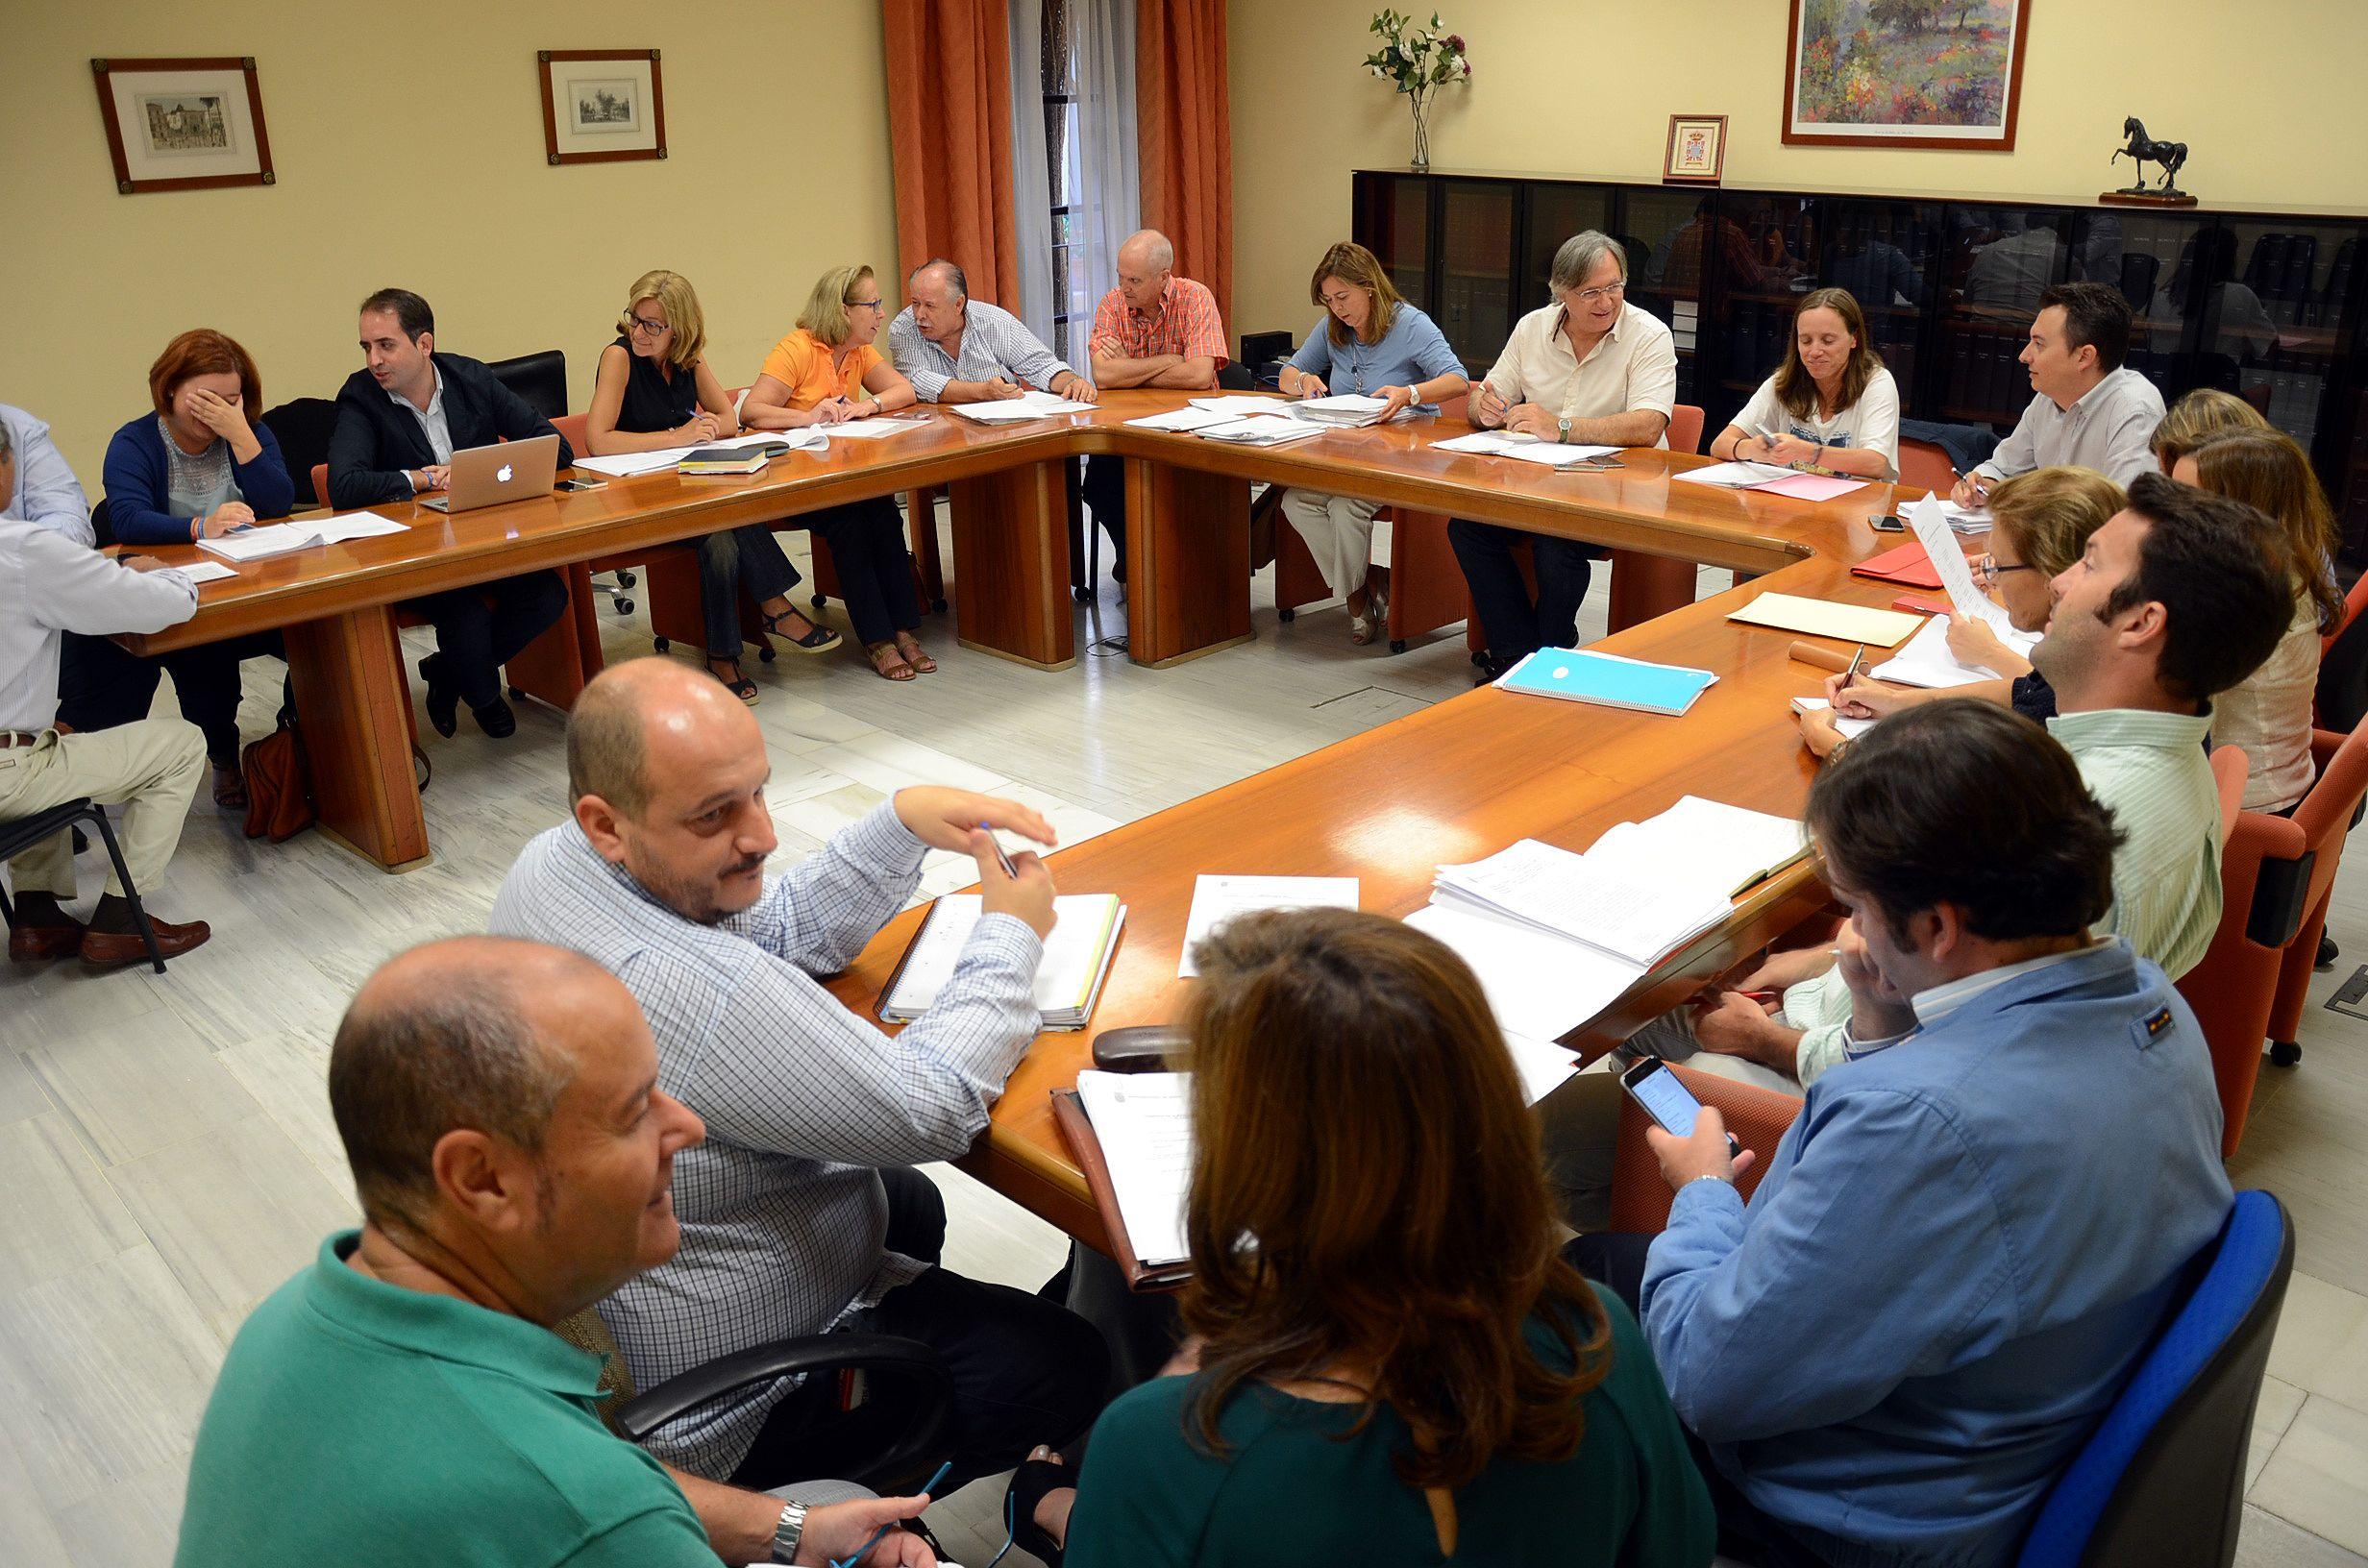 Comisión de pleno en el Ayuntamiento de Jerez. @ciudadjerez